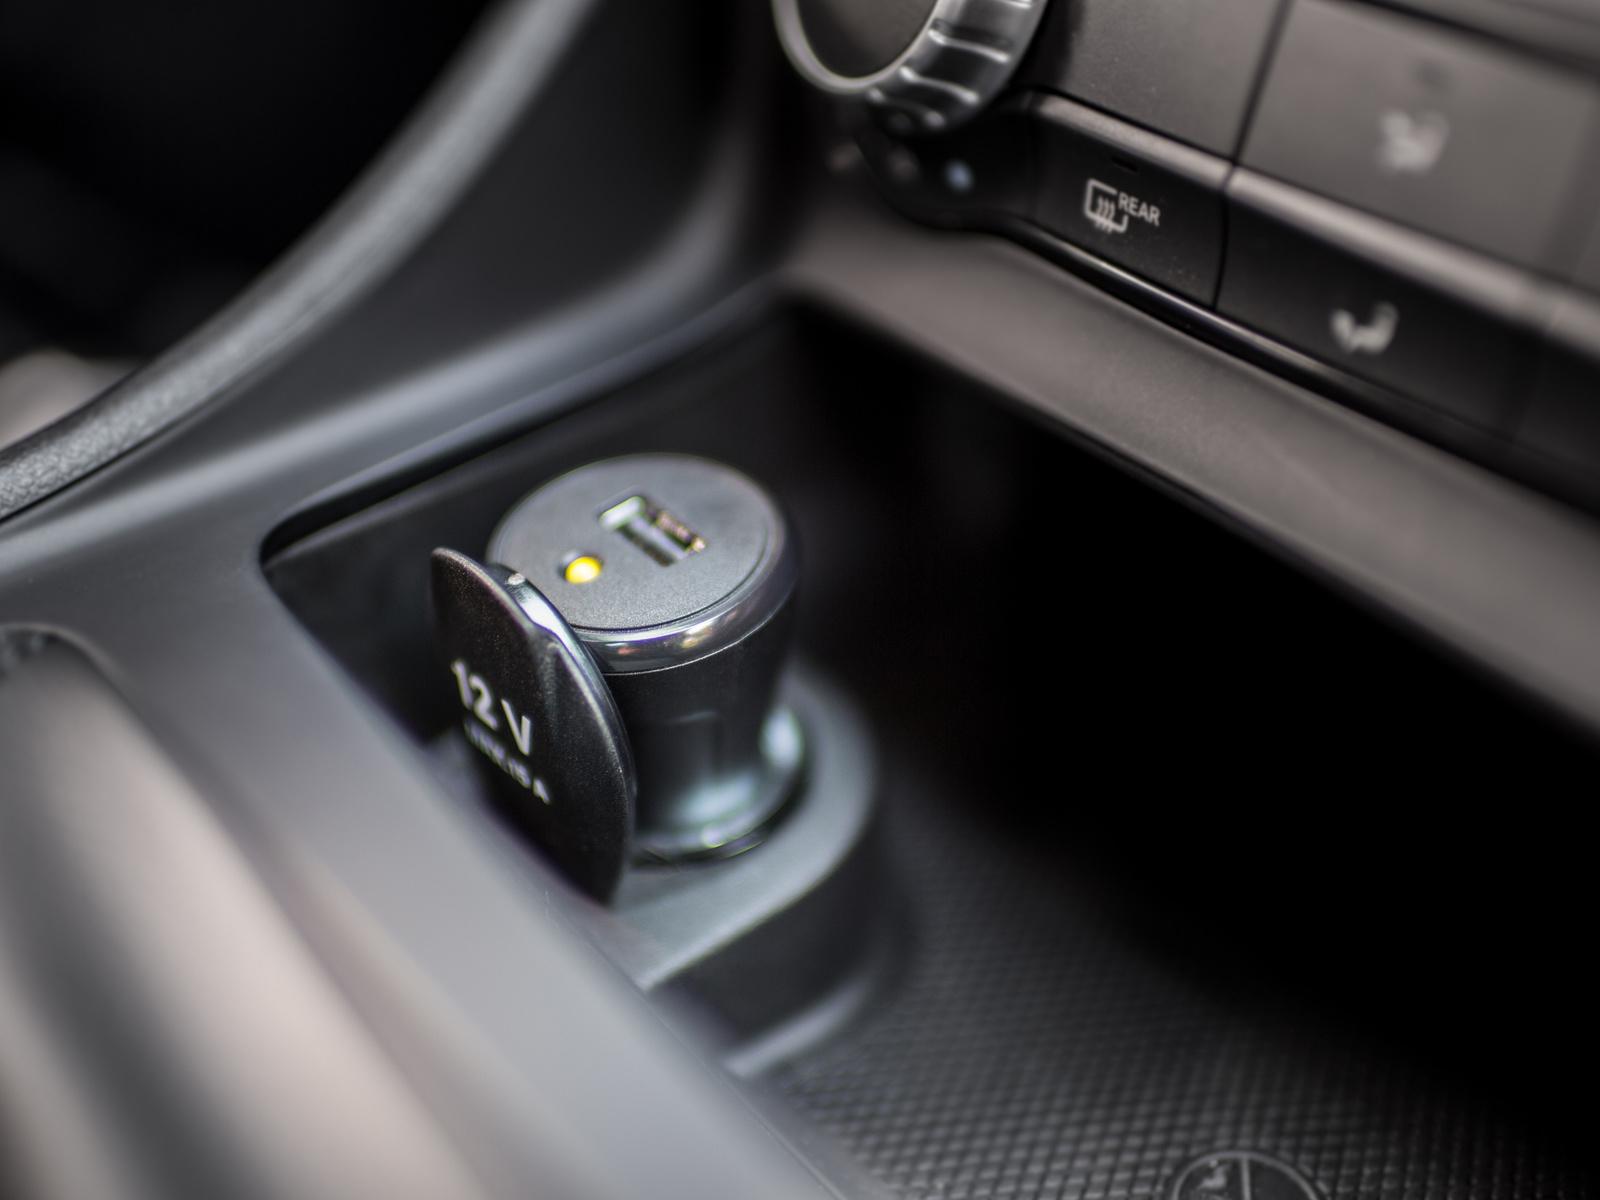 Bosch zeigt einen nachrüstbaren Adapter für den automatischen Notrufservice eCall, den Retrofit eCall.